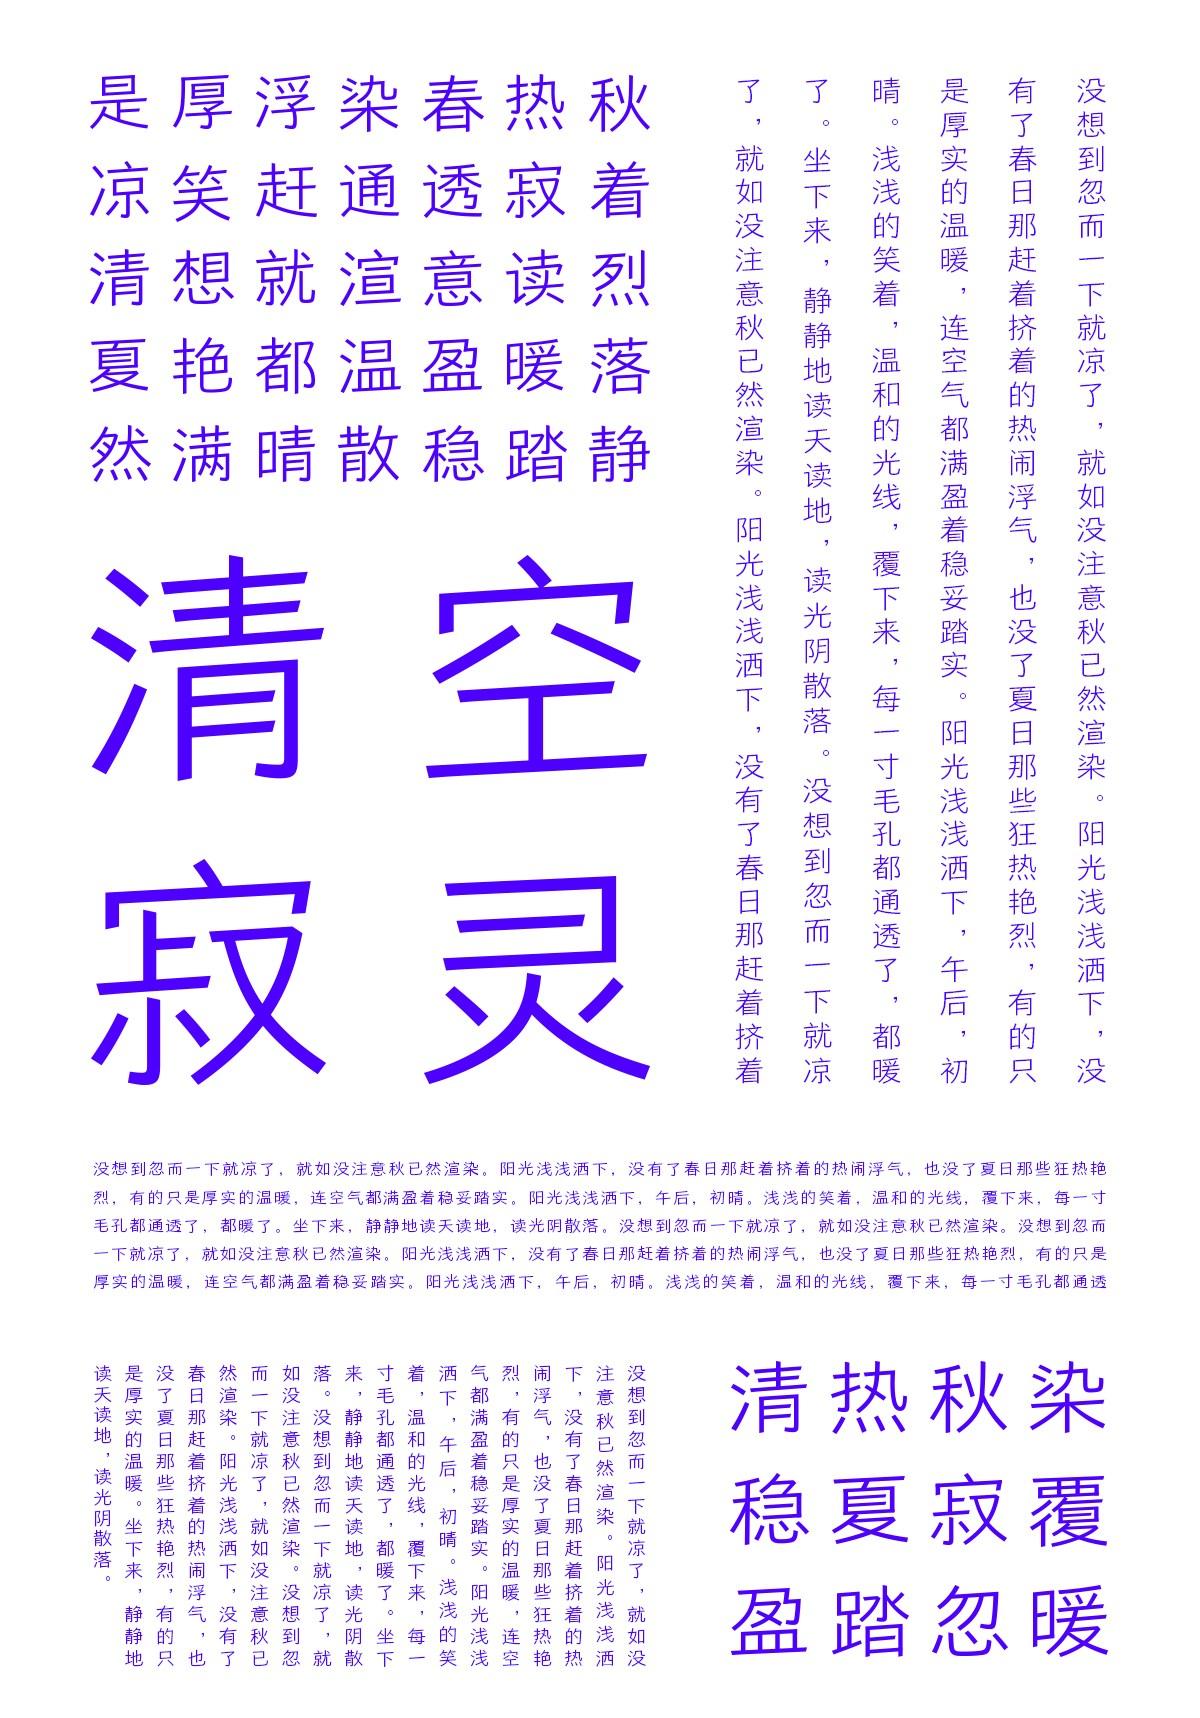 《上上黑light》第三届汉仪字体之星正文组 二等奖